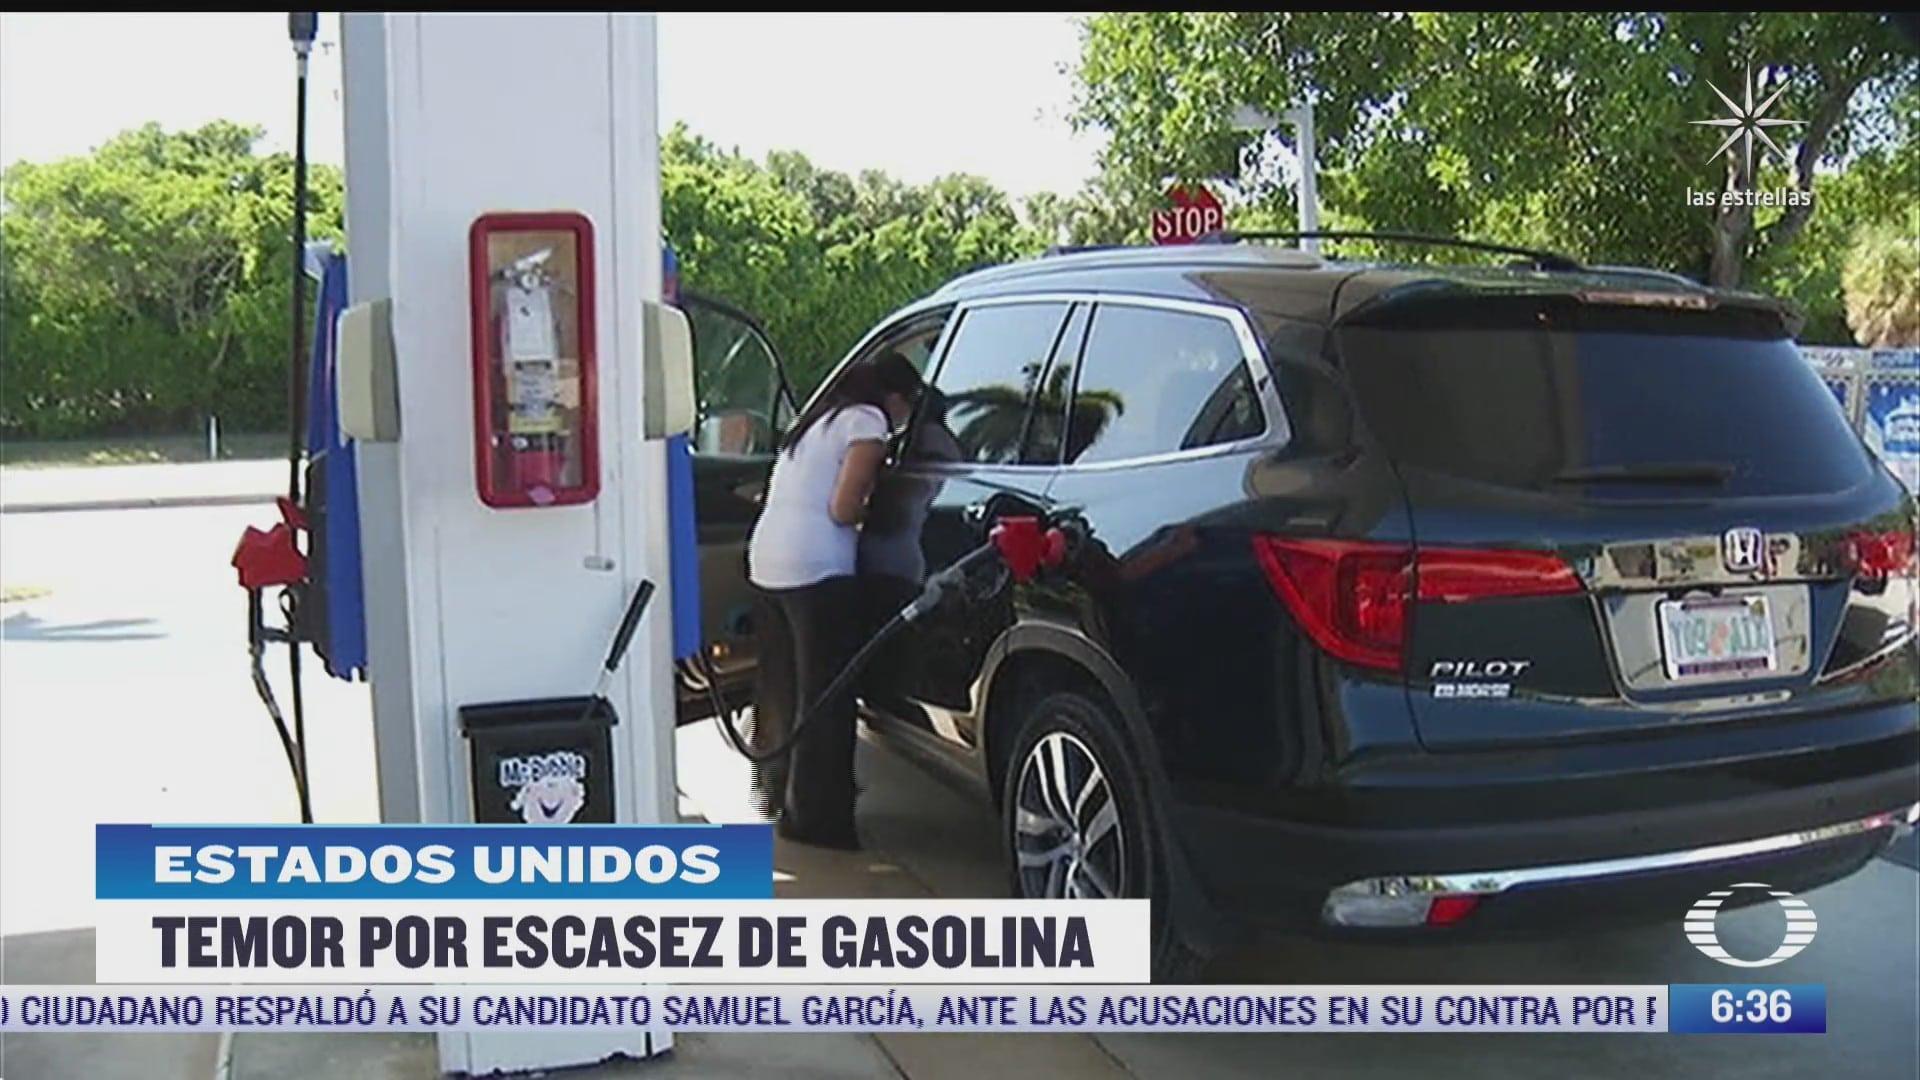 temen escasez de gasolina en eeuu tras ciberataque